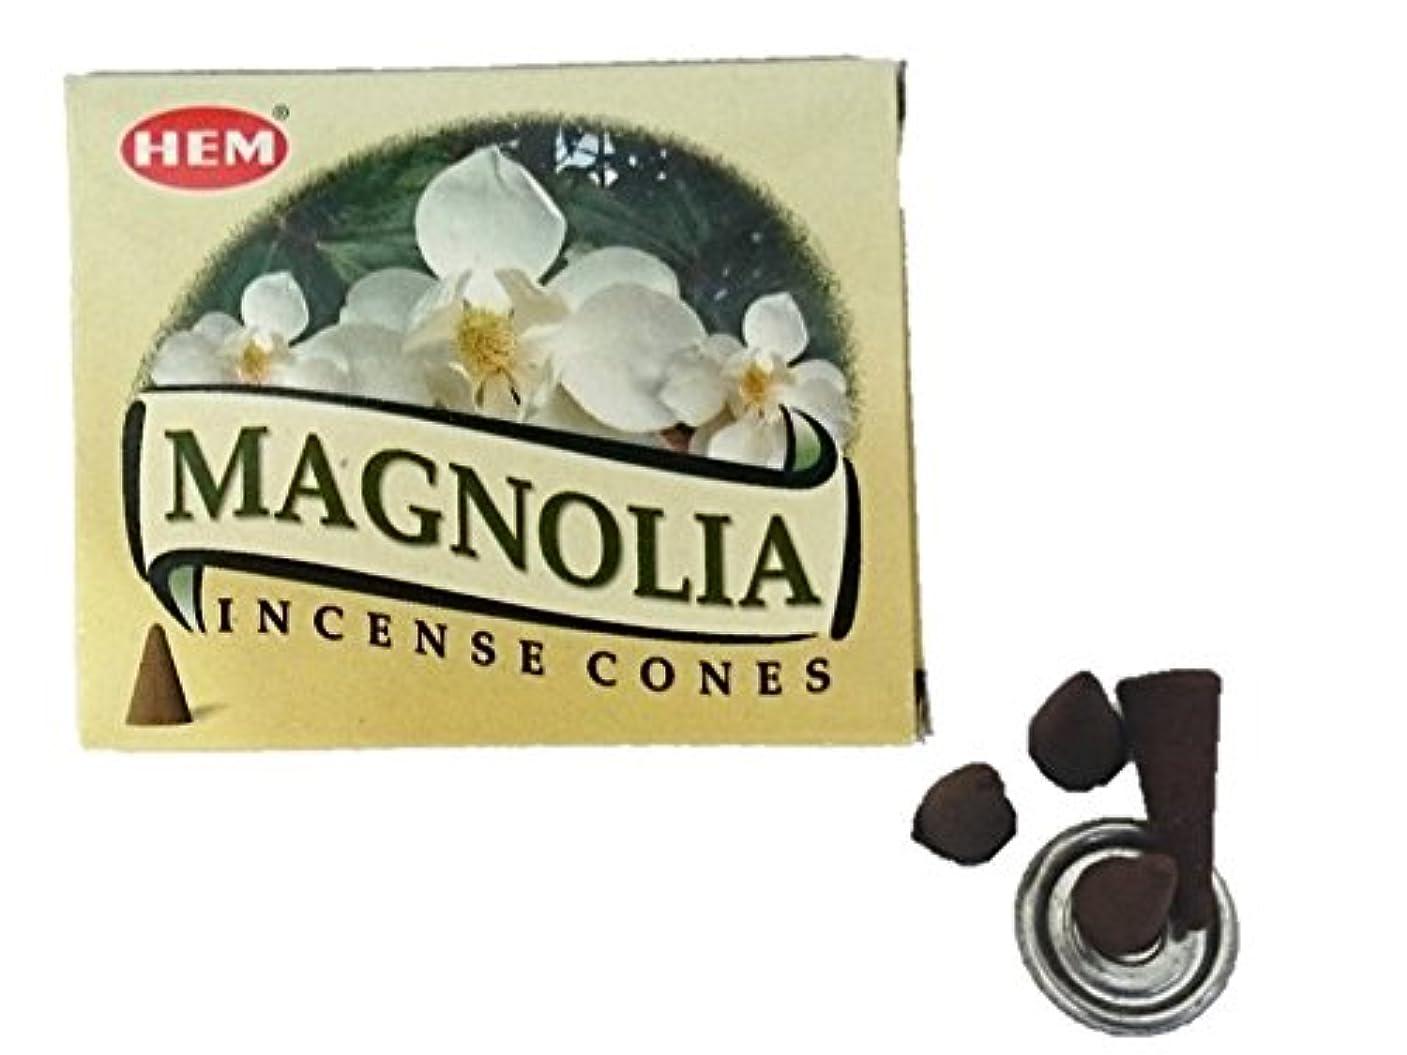 吸収剤変形する石HEM(ヘム)お香 マグノリア コーン 1箱